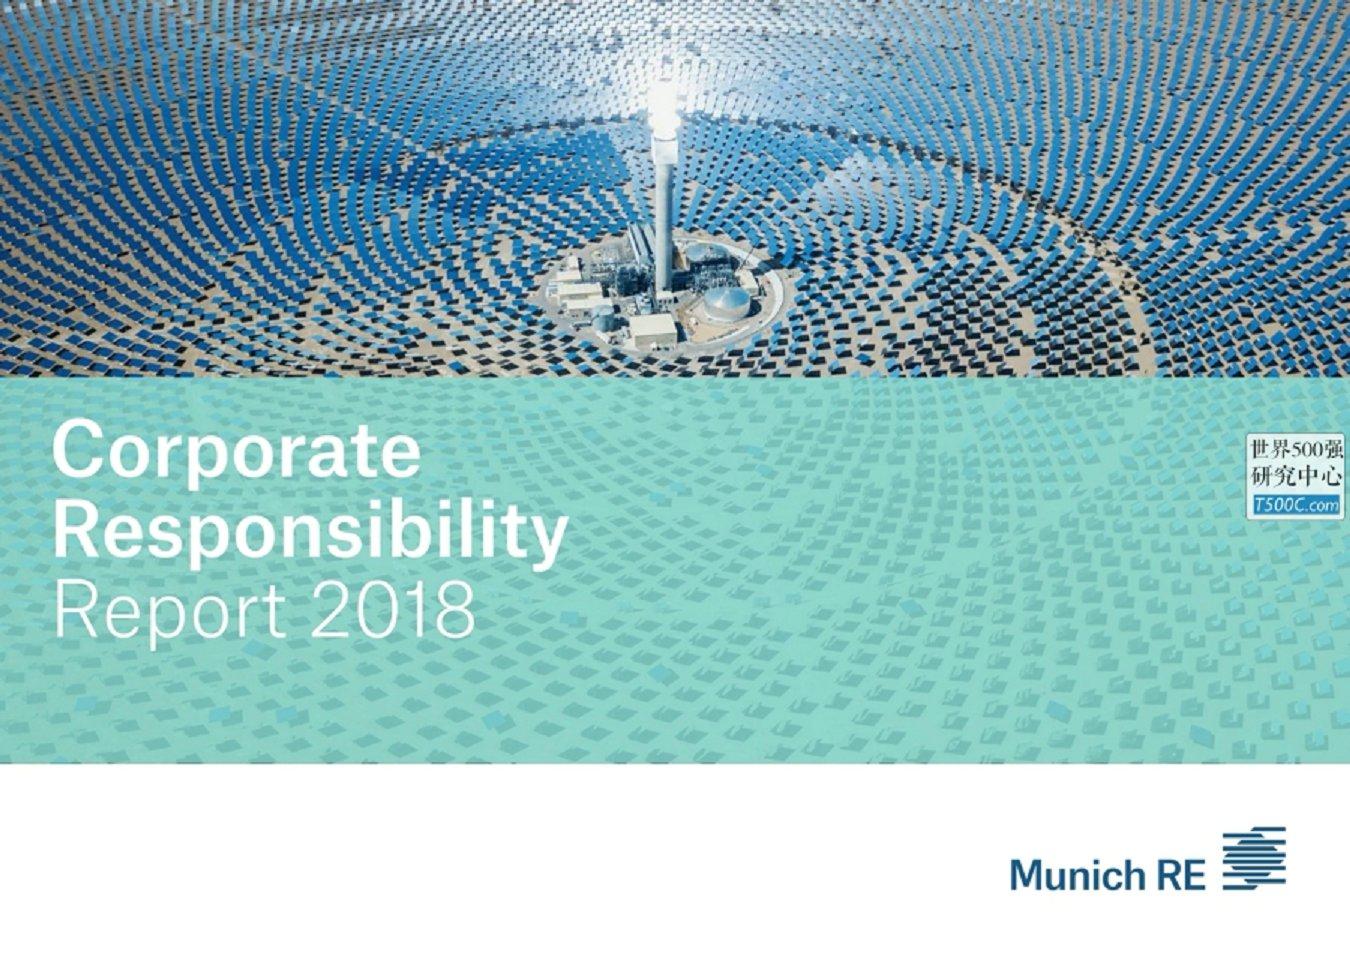 慕尼黑再保险MunichRe_社会责任报告CSR_2018_T500C.com